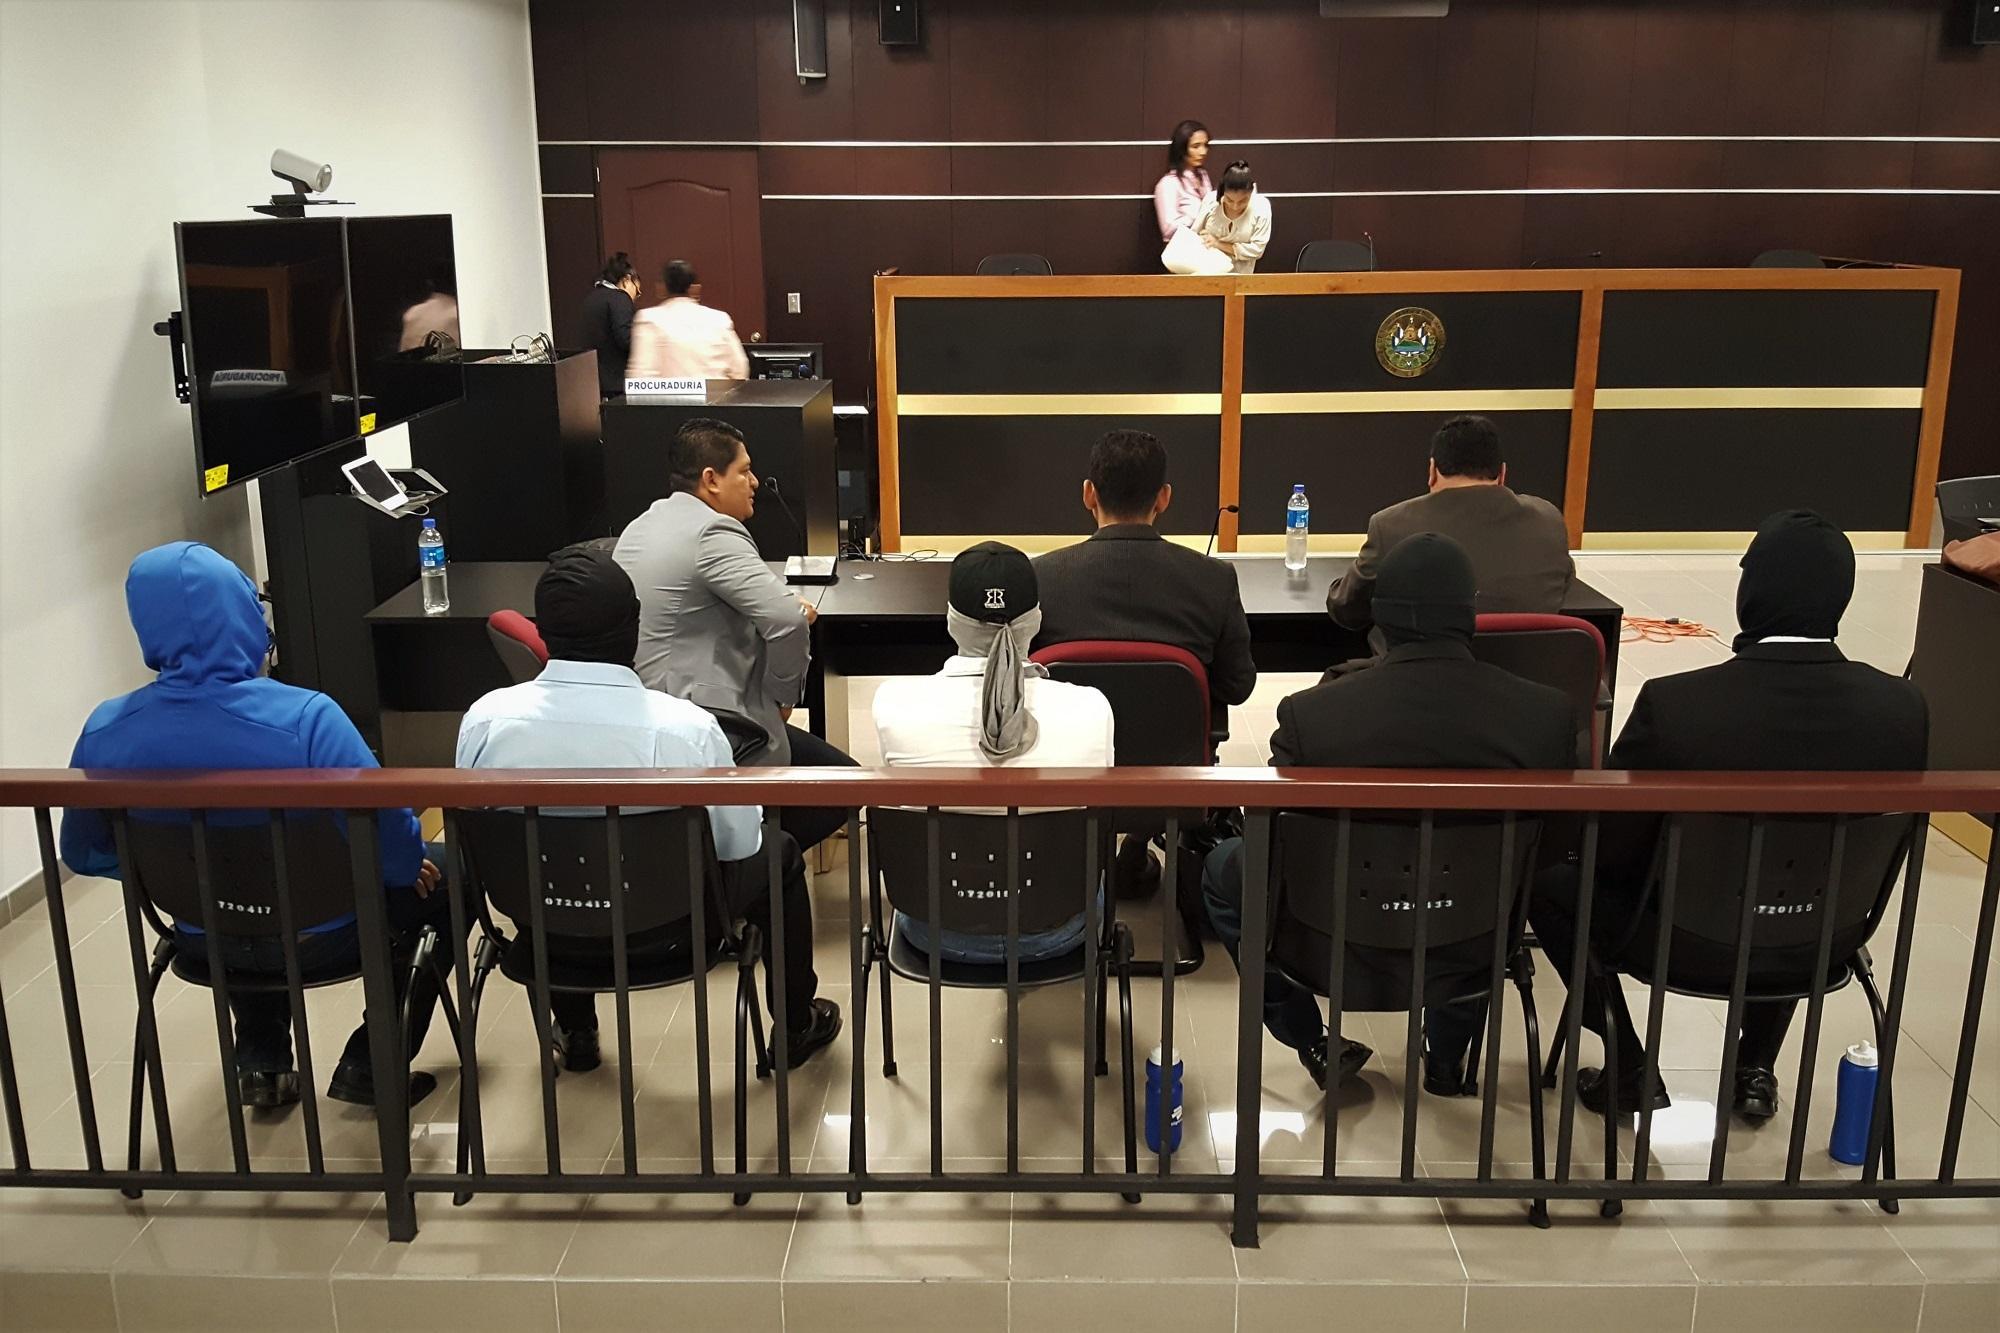 Contra la baranda, los cinco agentes del ya extinto Grupo de Reacción Policial (GRP) de la Policía Nacional Civil procesados por el homicidio agravado de Dennis Martínez, trabajador de la finca San Blas, en una imagen tomada durante el juicio celebrado en septiembre de 2017. Foto archivo El Faro.